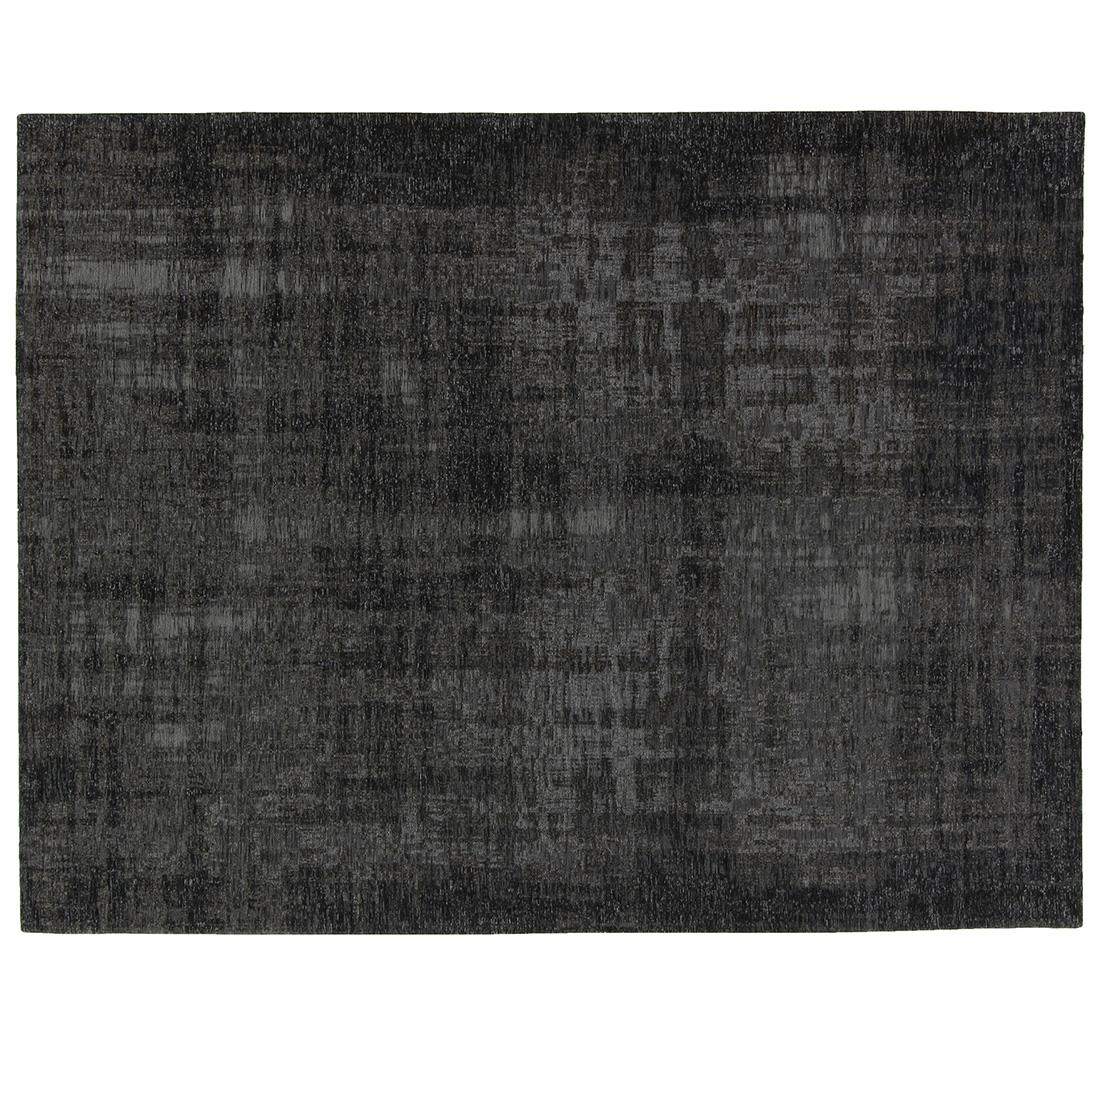 Vloerkleed Brinker Grunge Anthracite | 240 x 340 cm